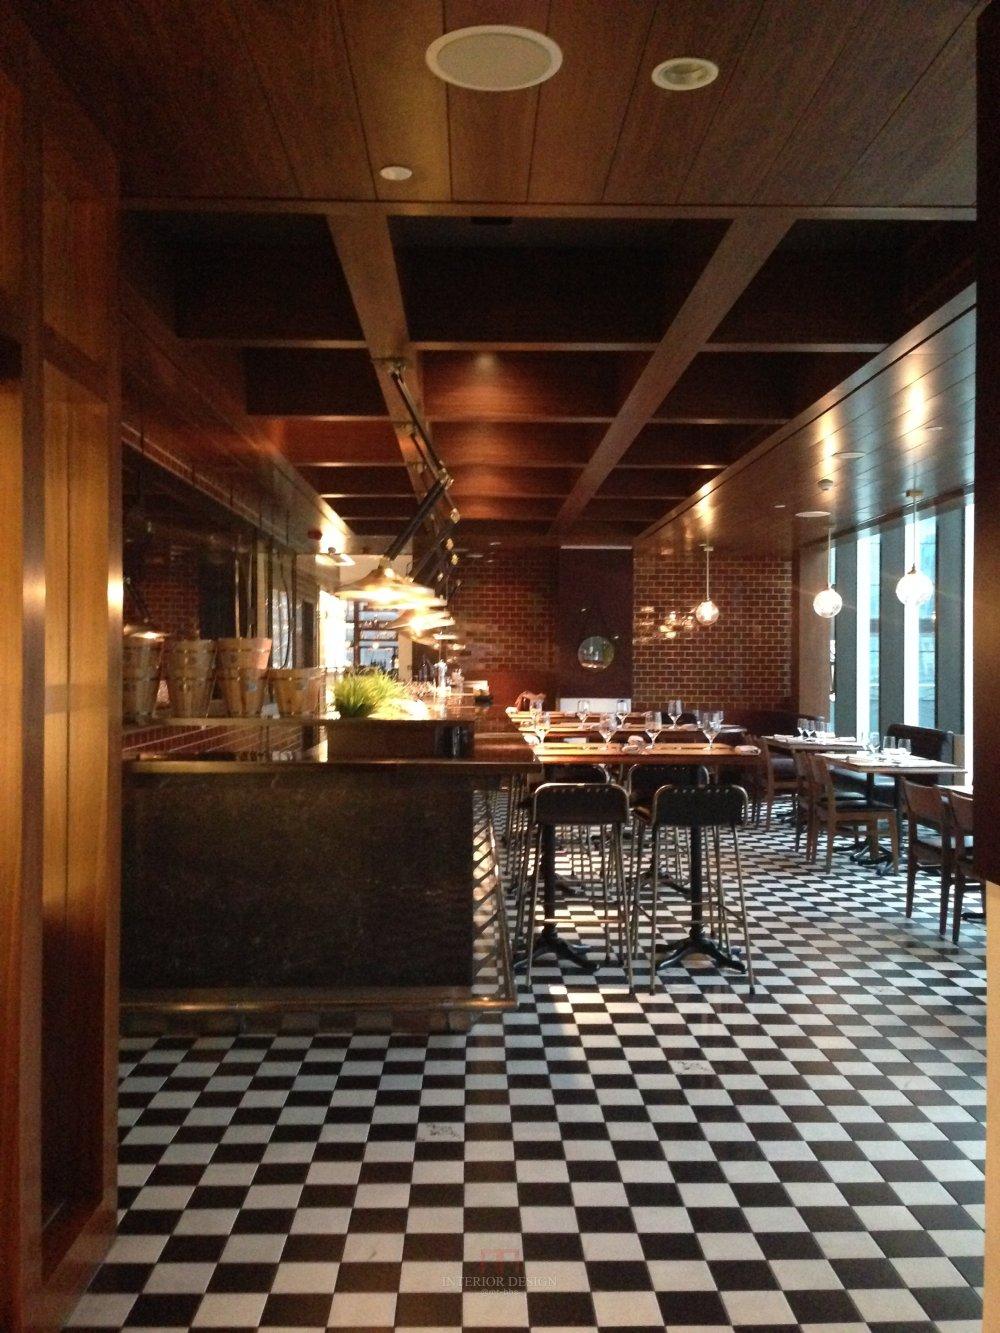 1515牛排馆•酒吧The 1515 WEST CHOPHOUSE & BAR自拍分享_IMG_0234.JPG